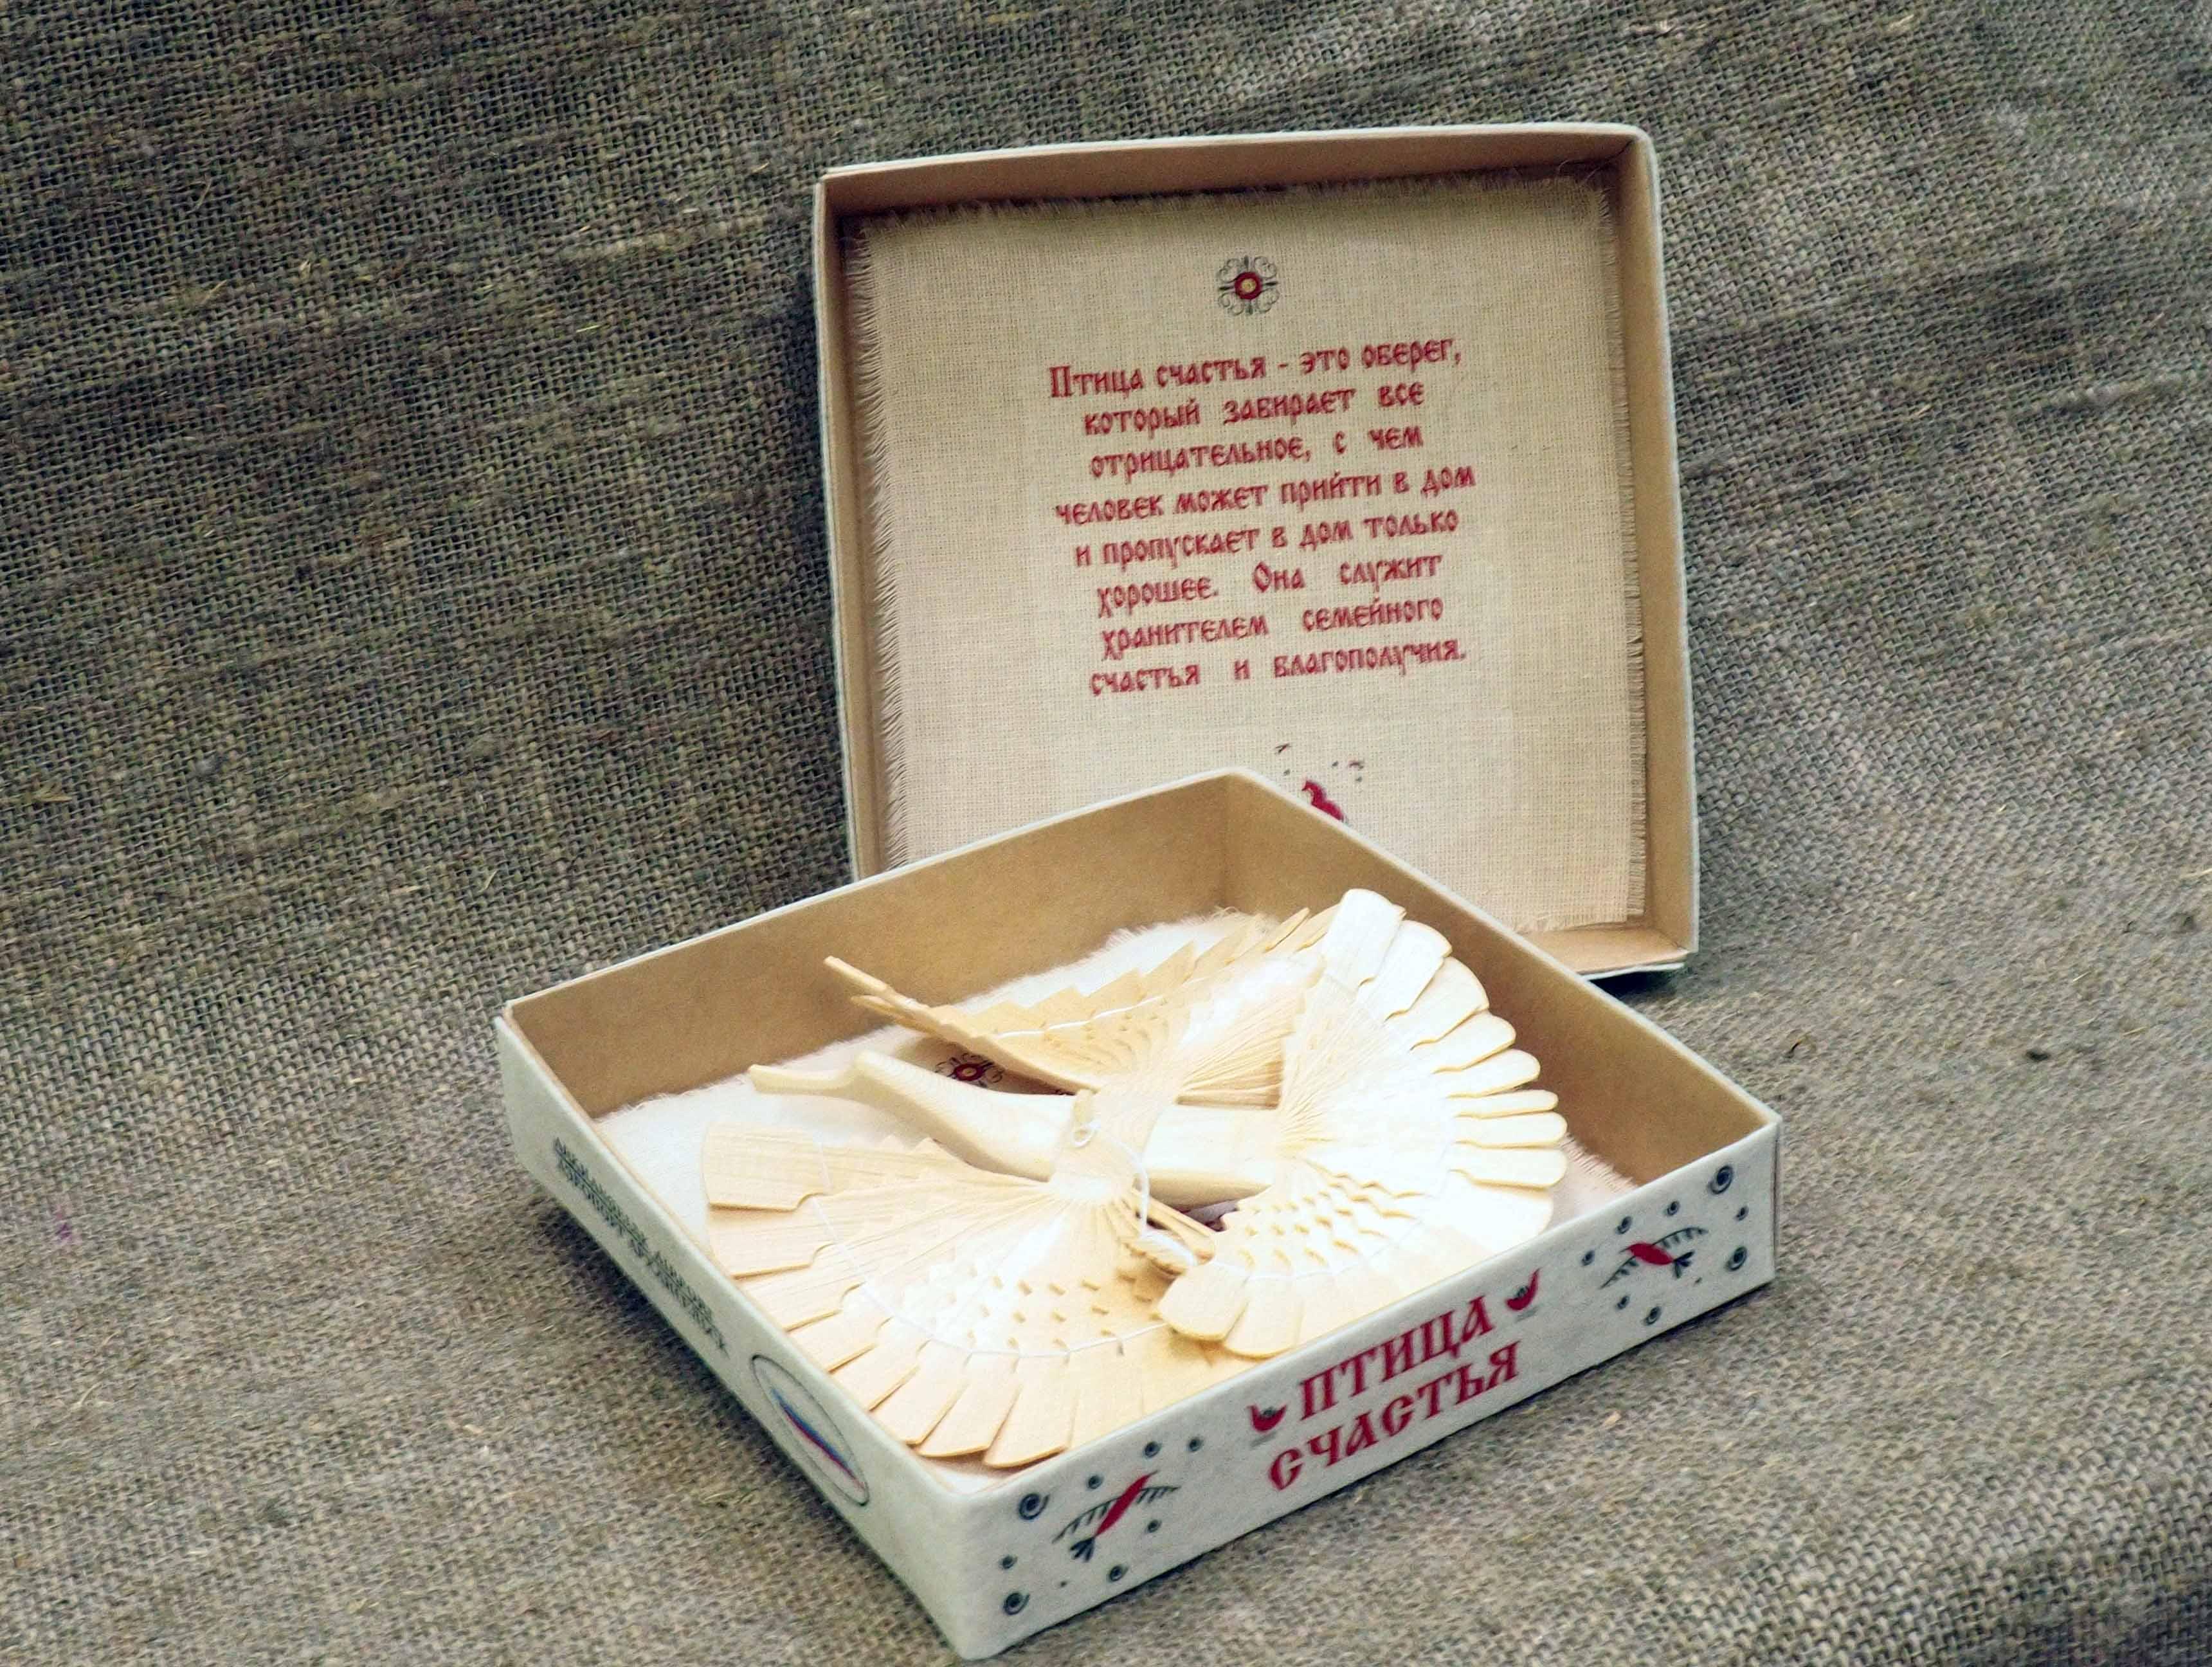 Традиционный сувенир с Севера_Птица счастья